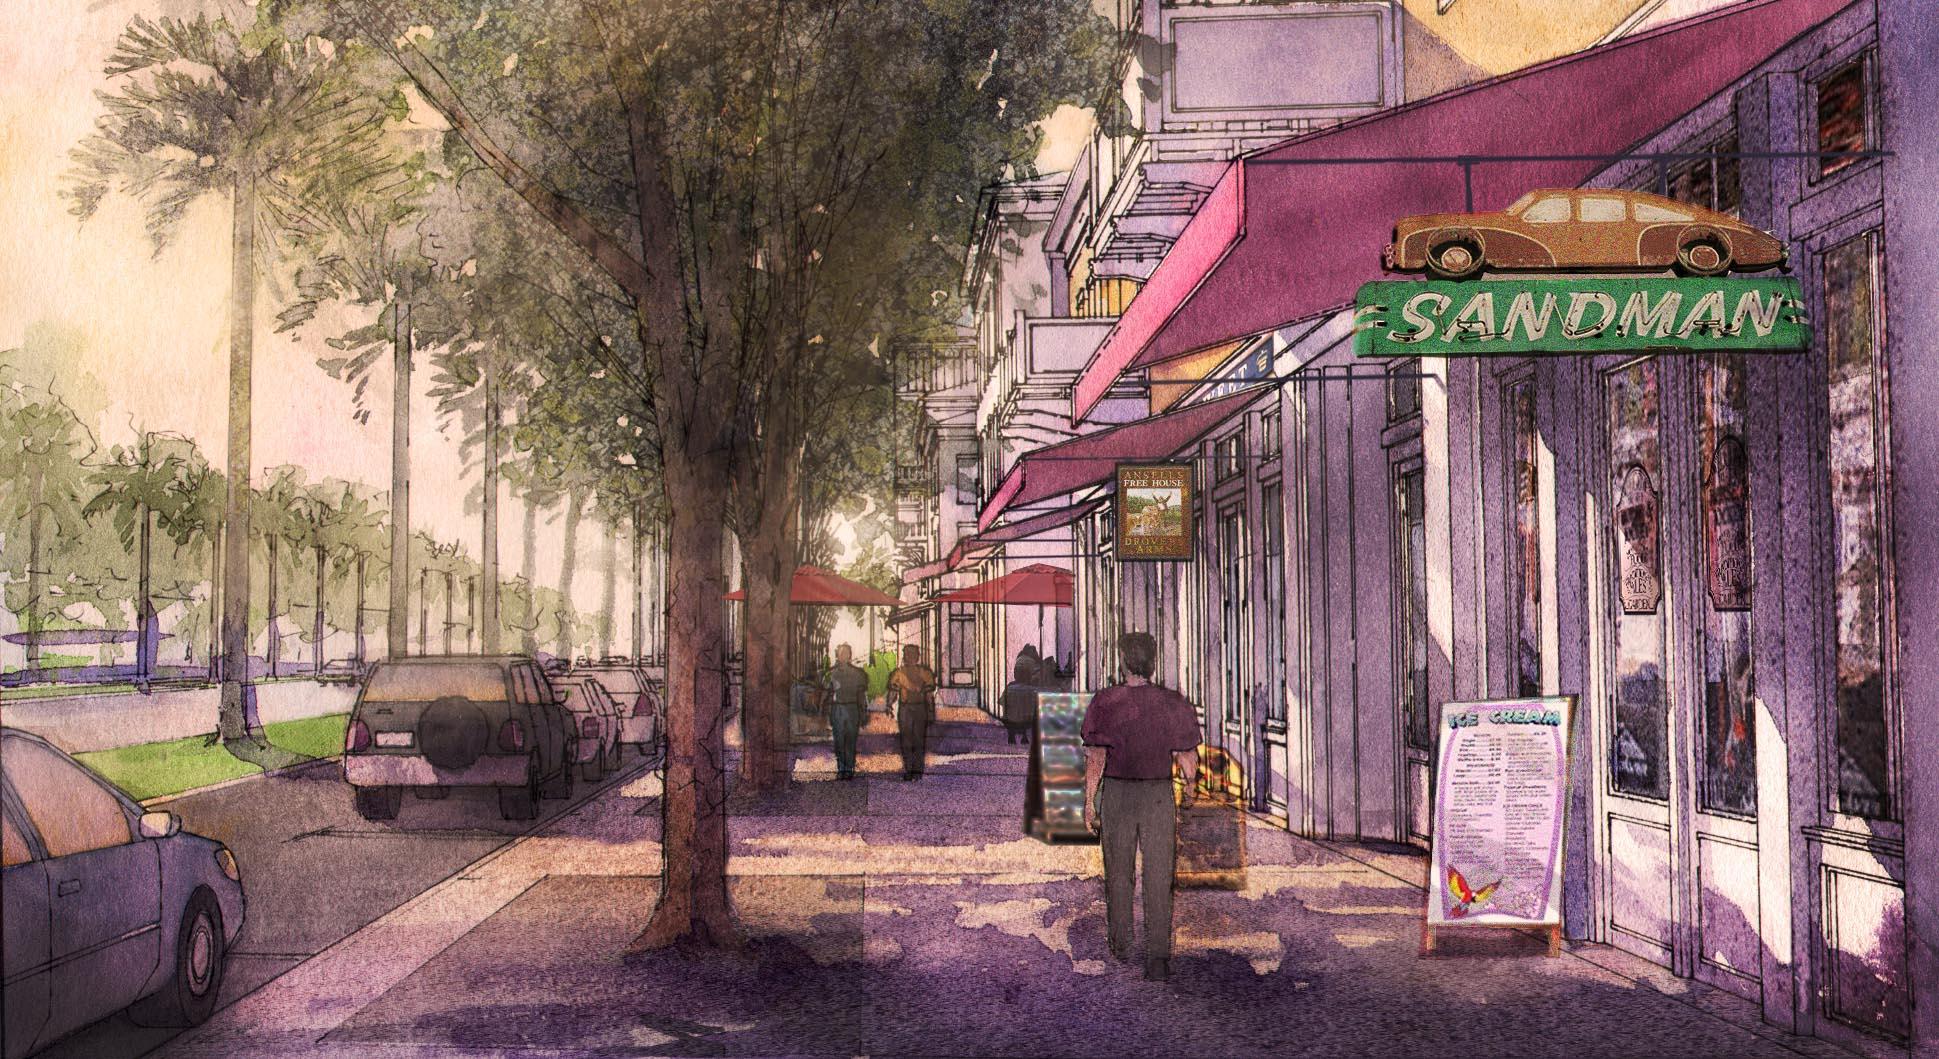 boulevard sidewalk view 8.jpg